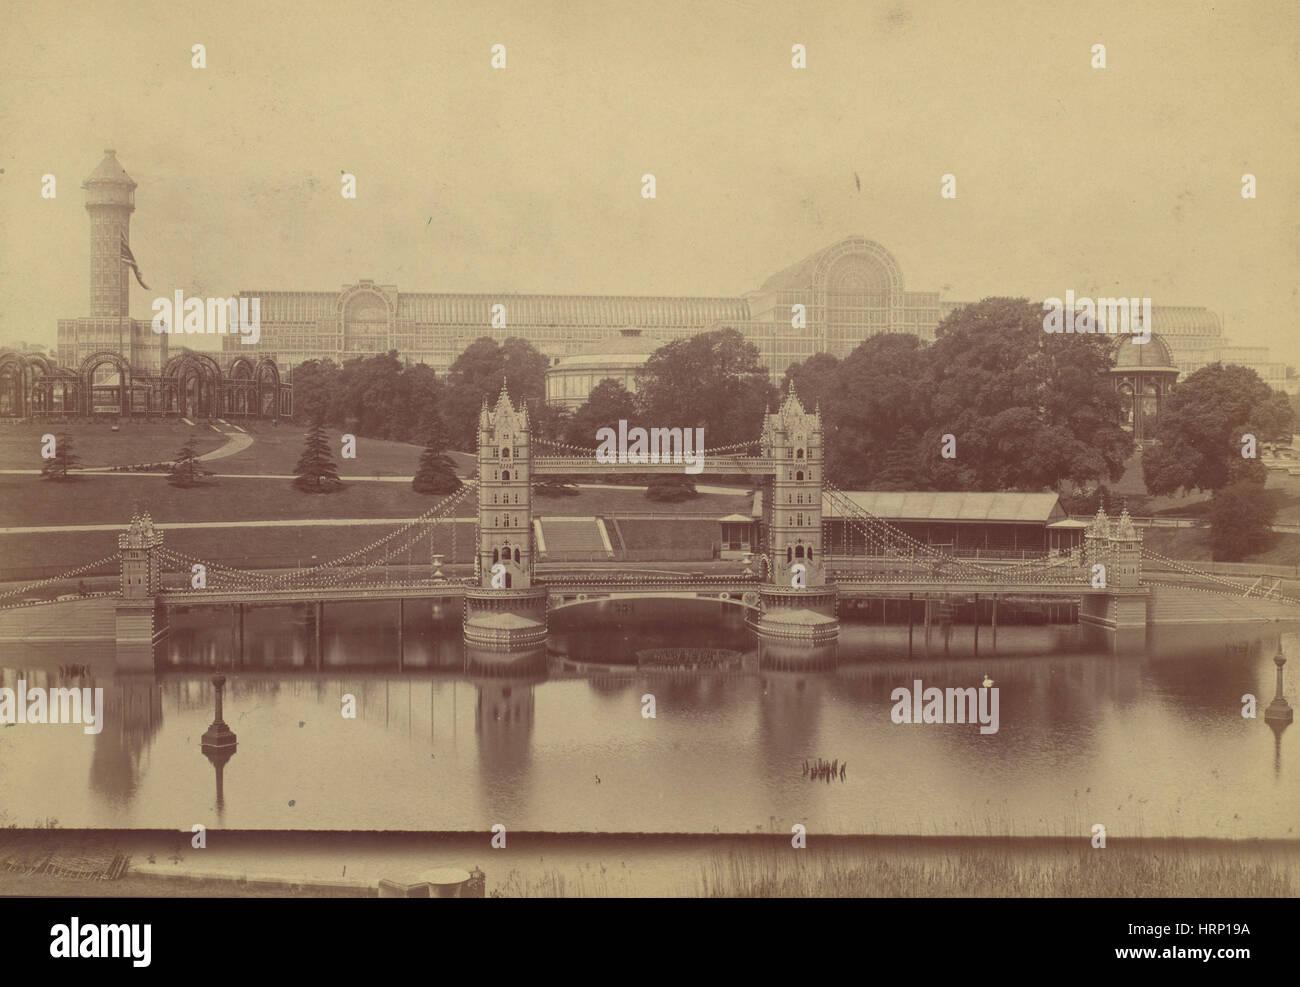 Crystal Palace at Sydenham, 1854 - Stock Image